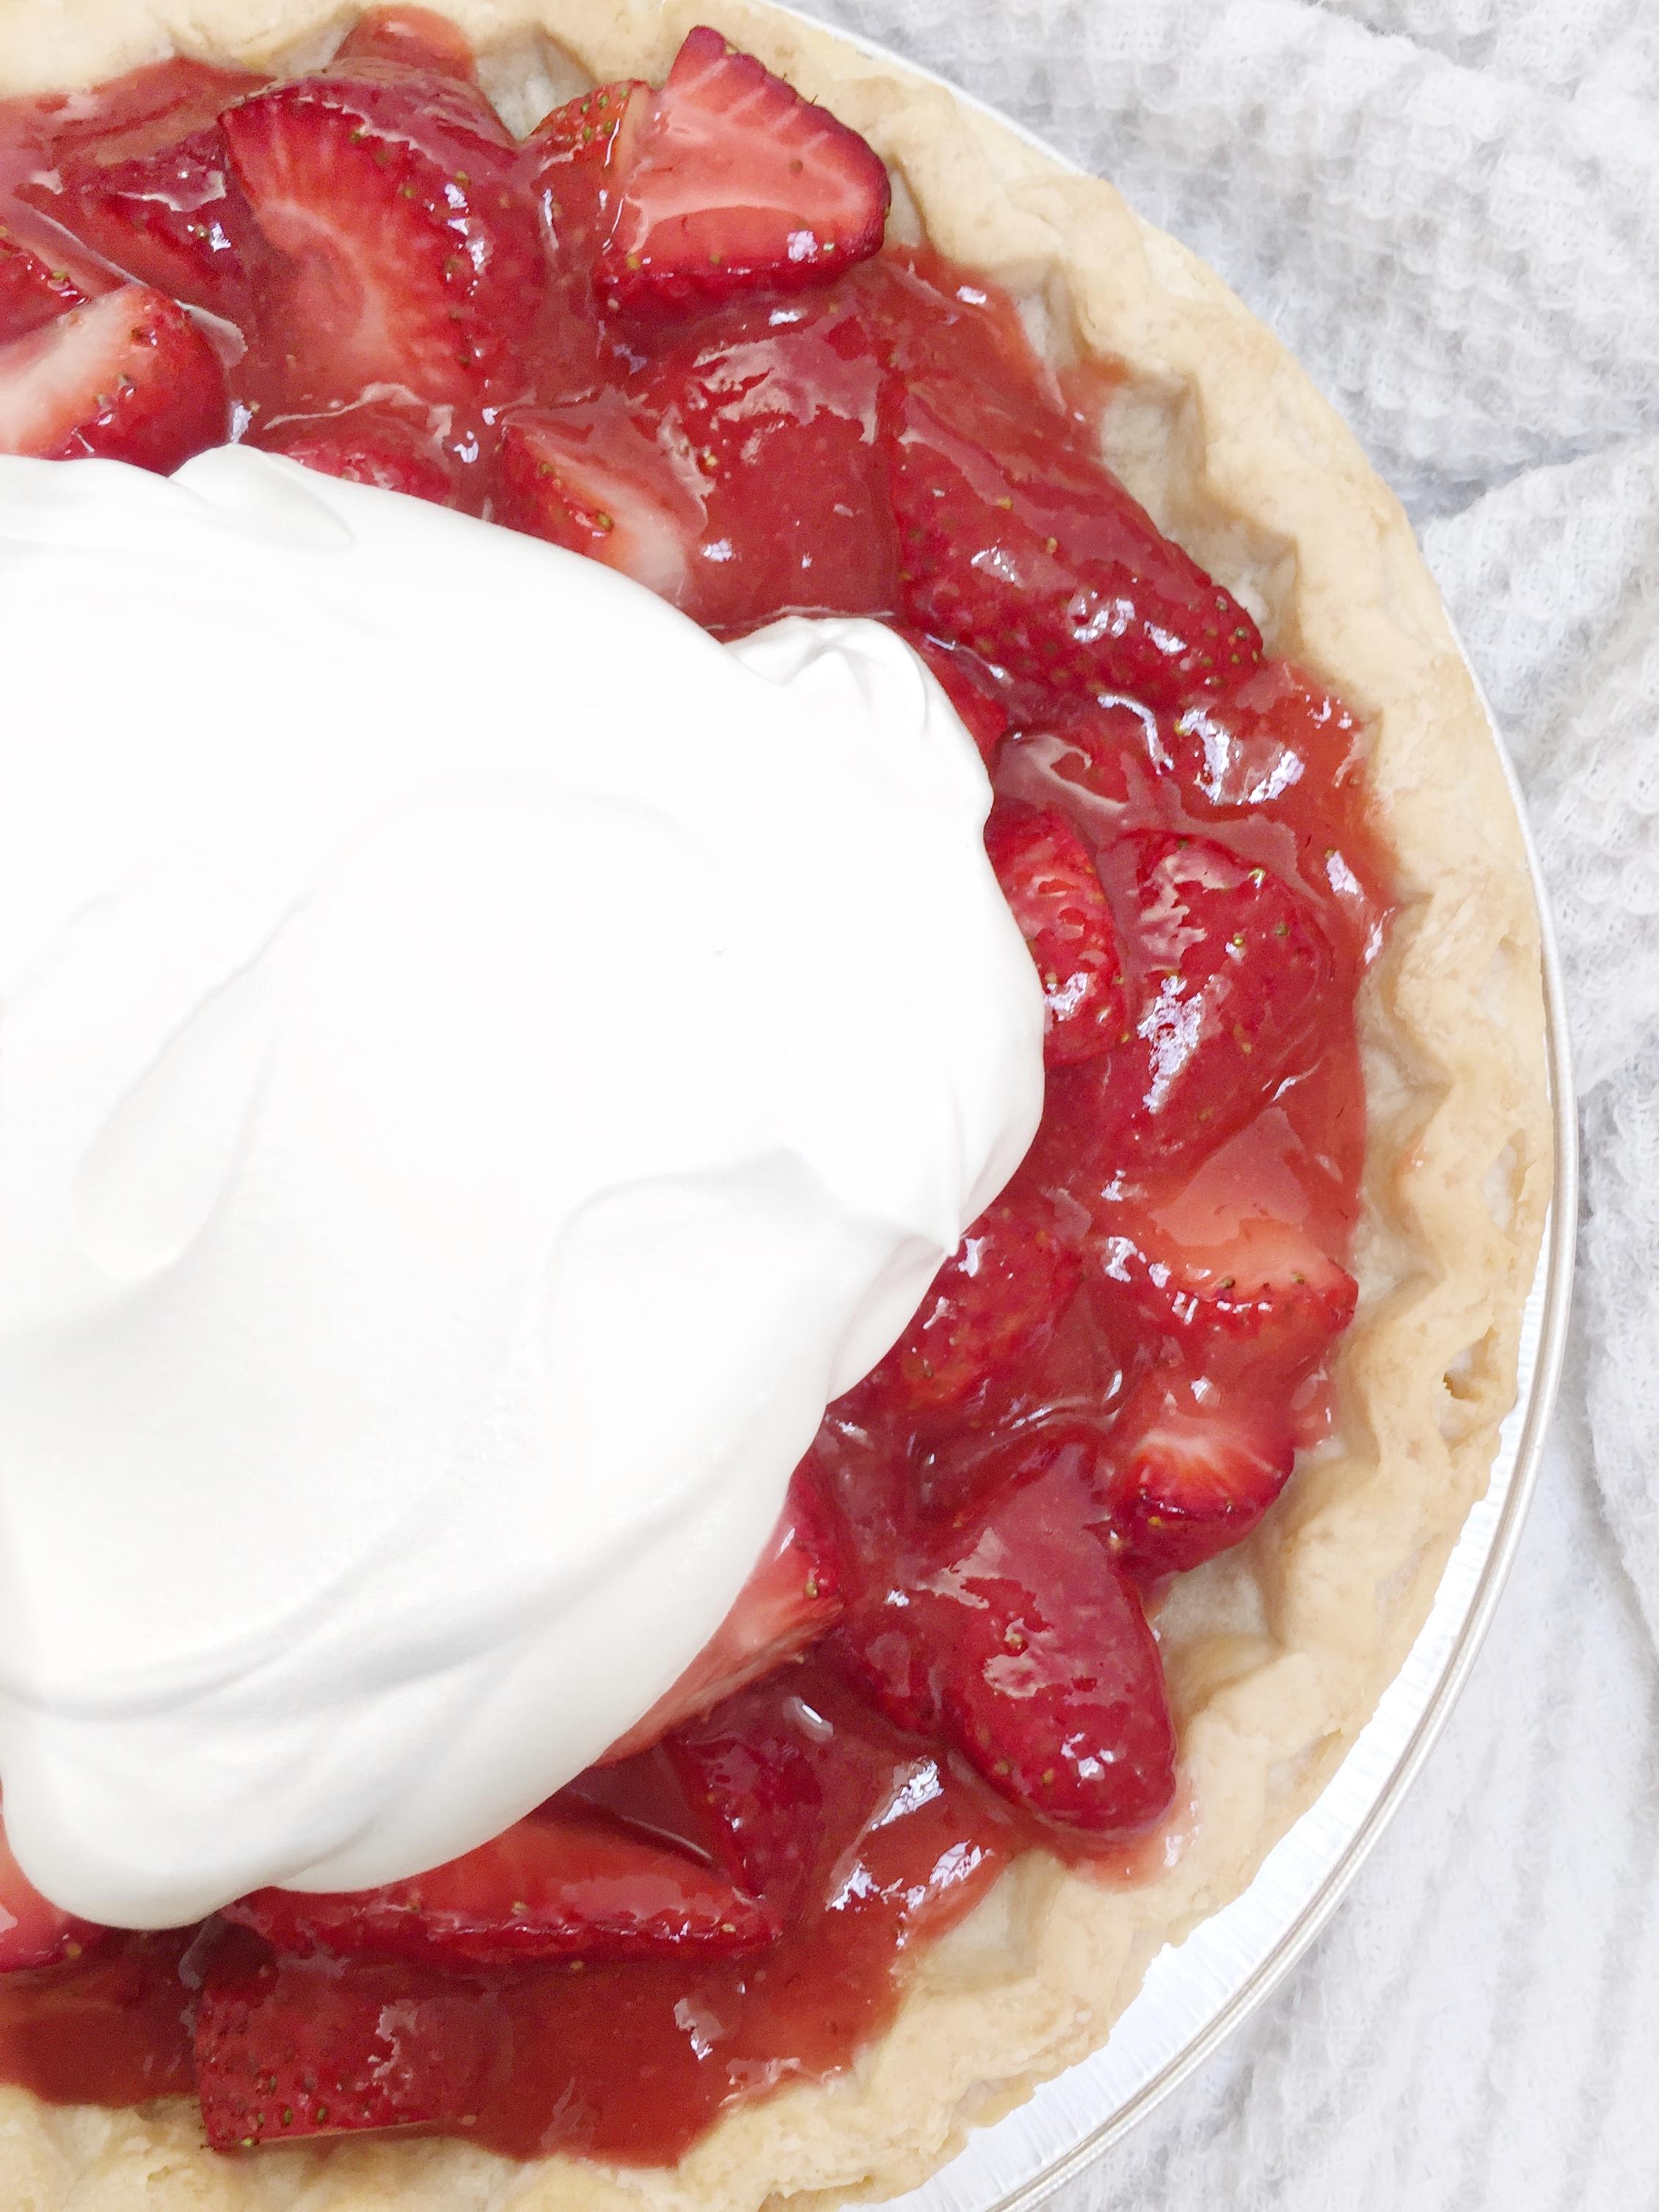 strawberrypie2.jpg